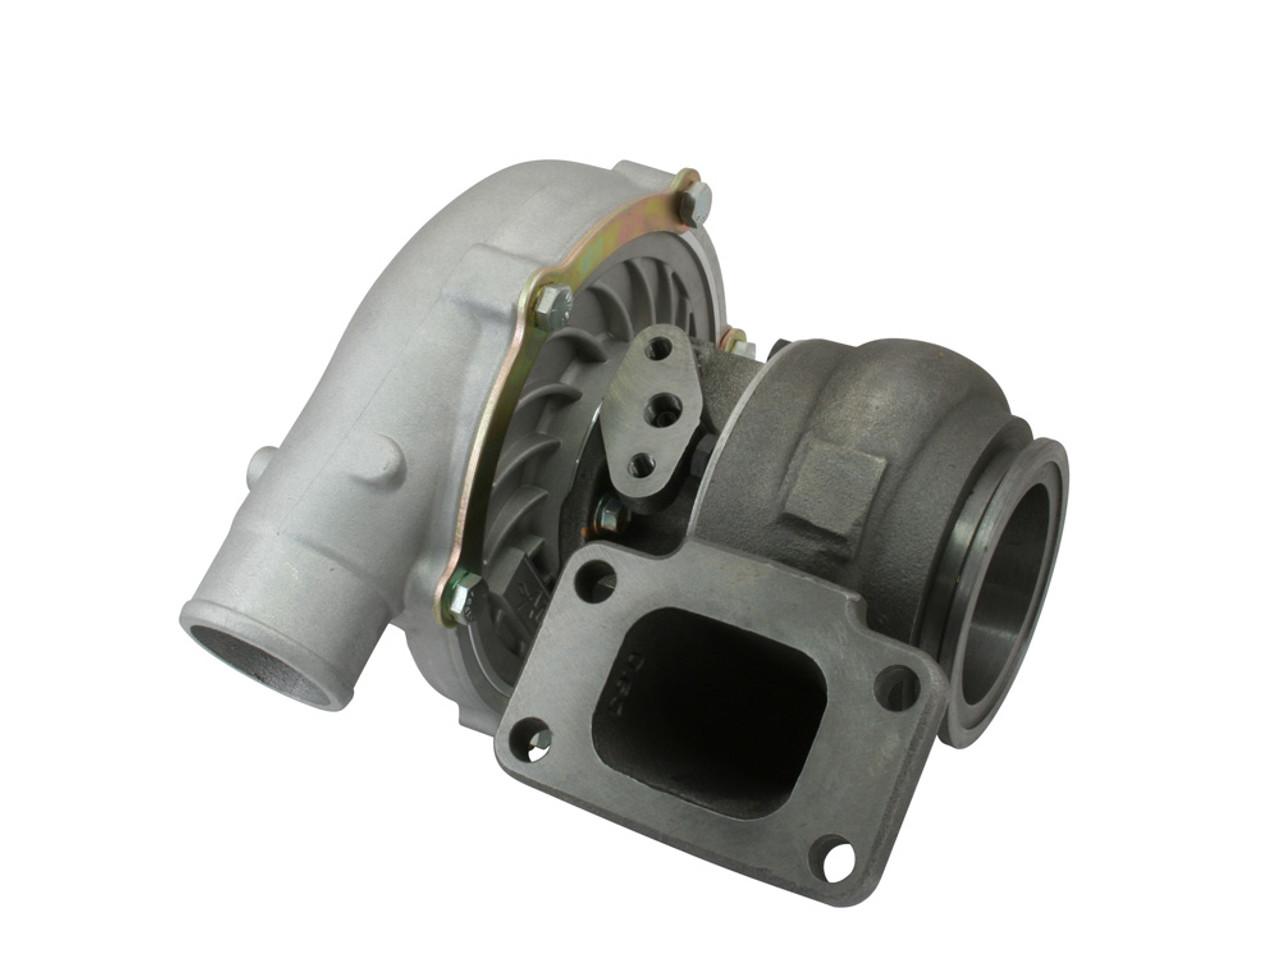 AGP Turbo Z2 6265E Billet